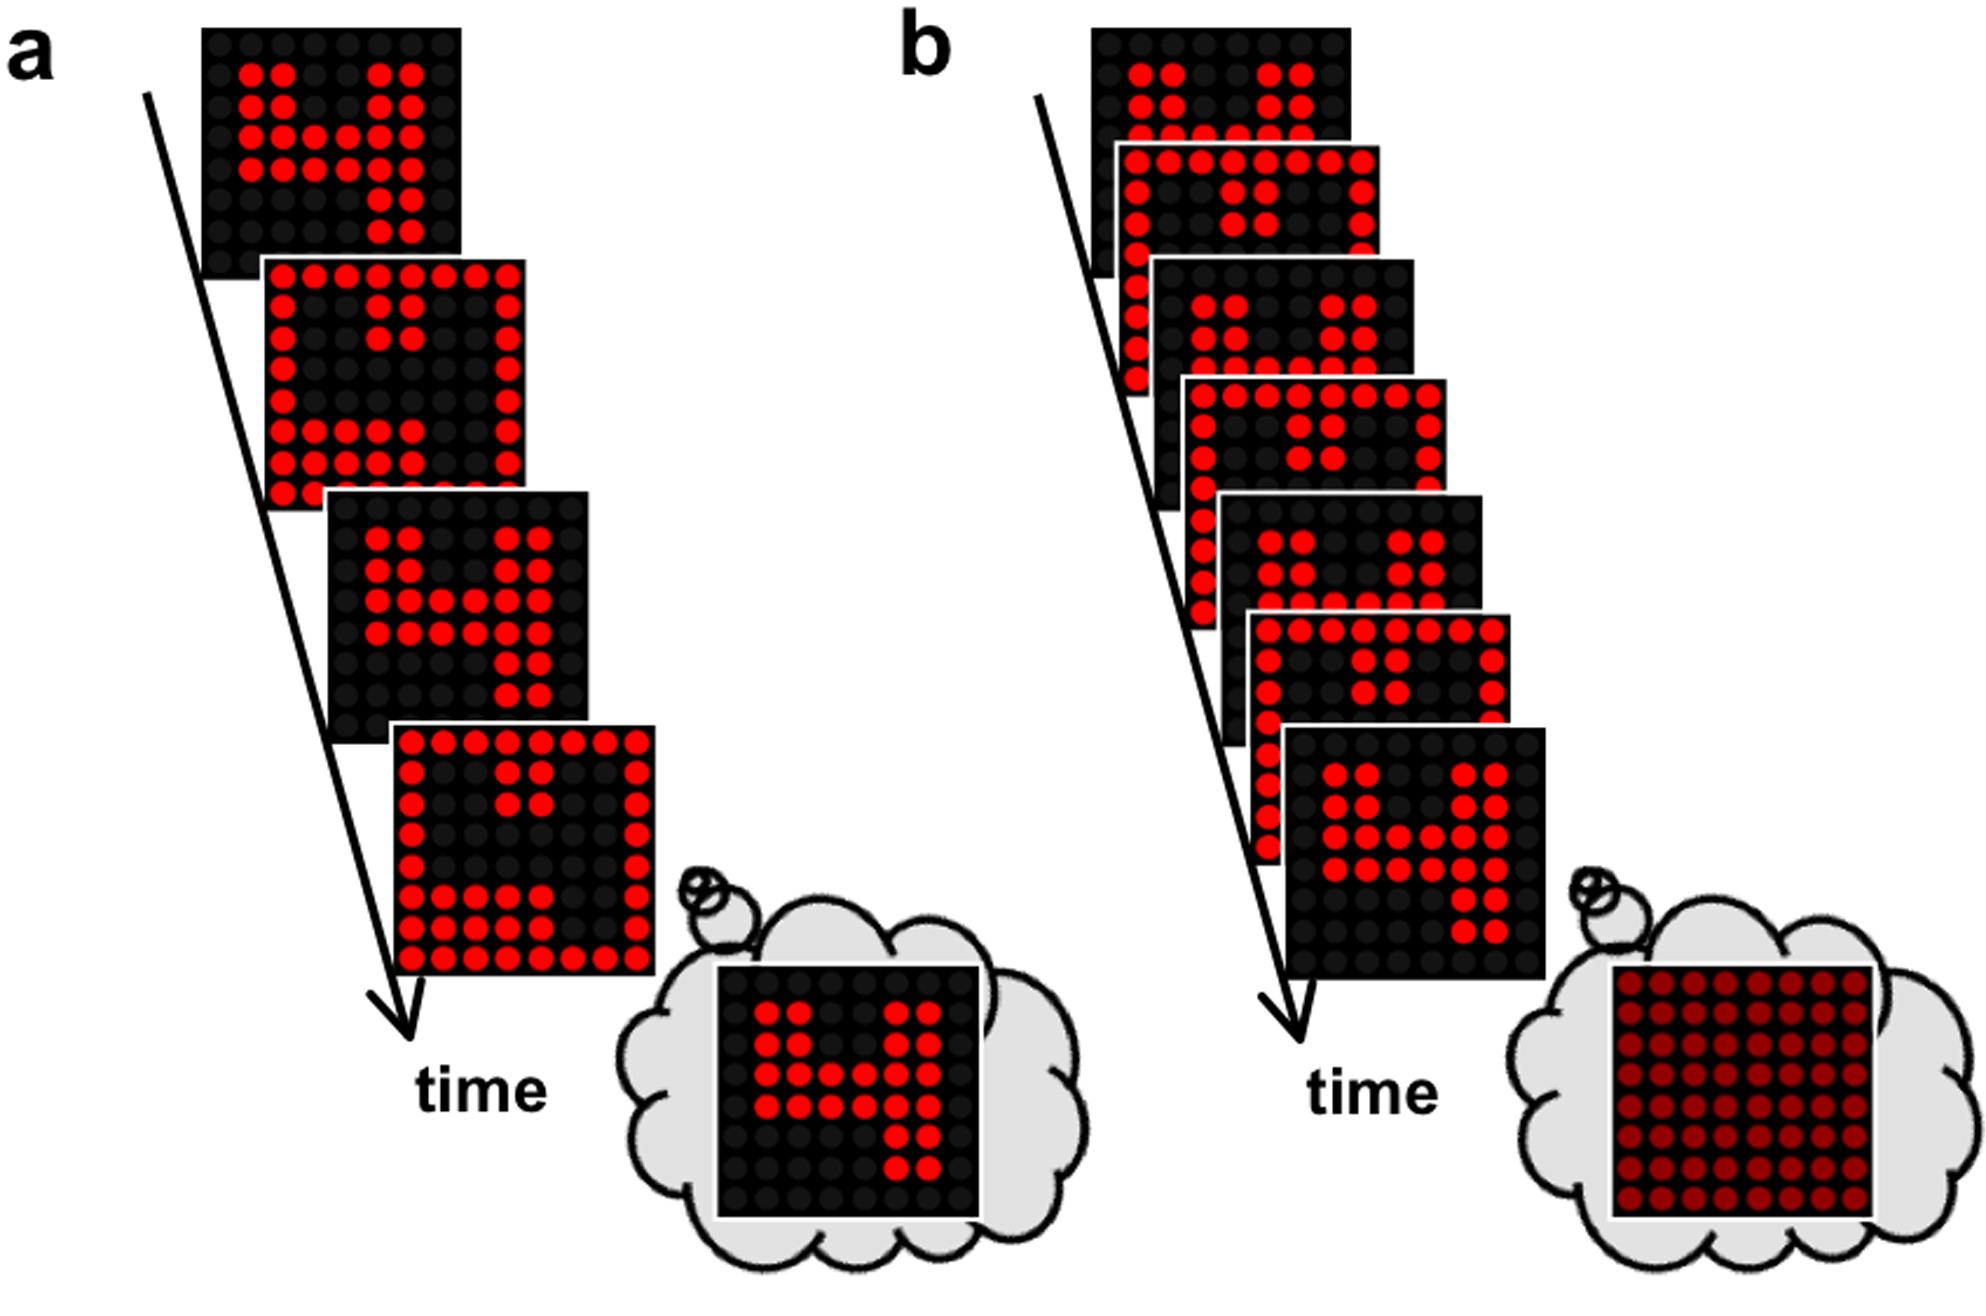 """(a) Wenn sich Bild und Negativ langsam abwechseln, können die Zahlen problemlos erkannt werden. (b) Wechseln sie schneller, verschmelzen Bild und Negativ zu einer einheitlichen Fläche und die Zahlen können nicht mehr erkannt werden. Aus  """"Does Time Really Slow Down during a Frightening Event?""""  von Chess Stetson, Matthew P. Fiesta, David M. Eagleman lizenziert durch  CC BY 4.0"""